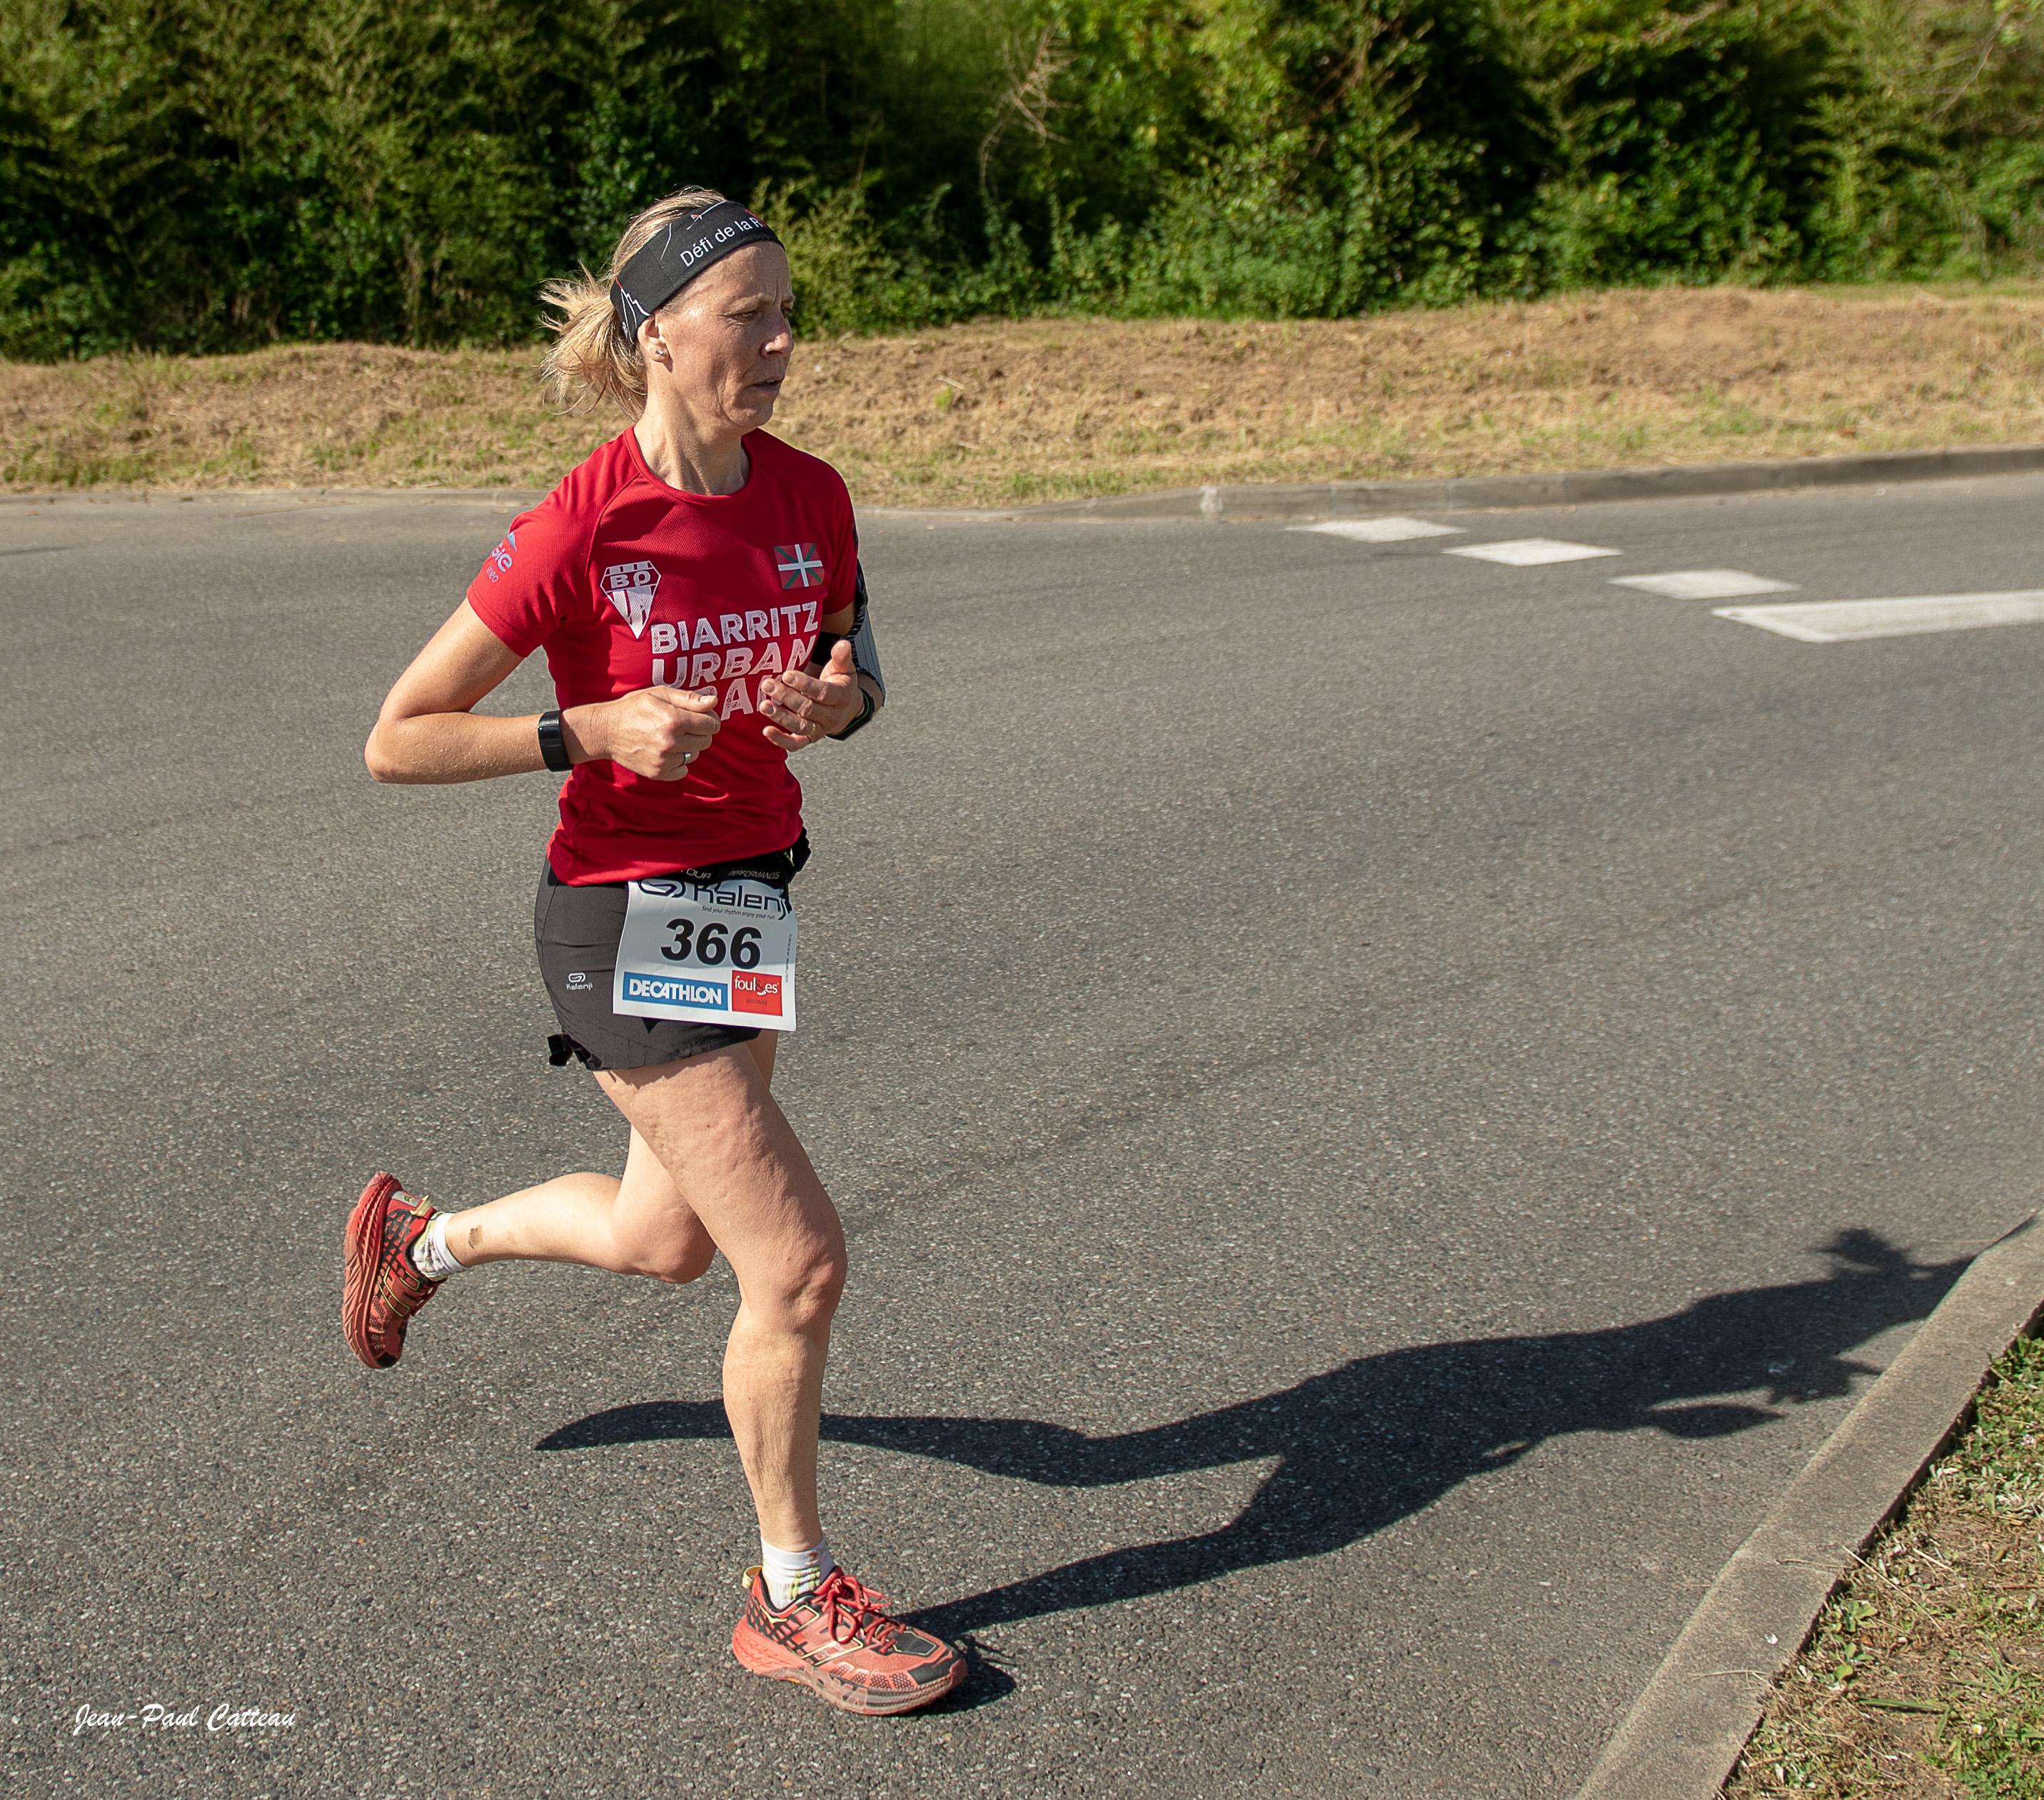 Marathon_de_Biarritz_-_Cité_Océan_-_24_juin_2018_115